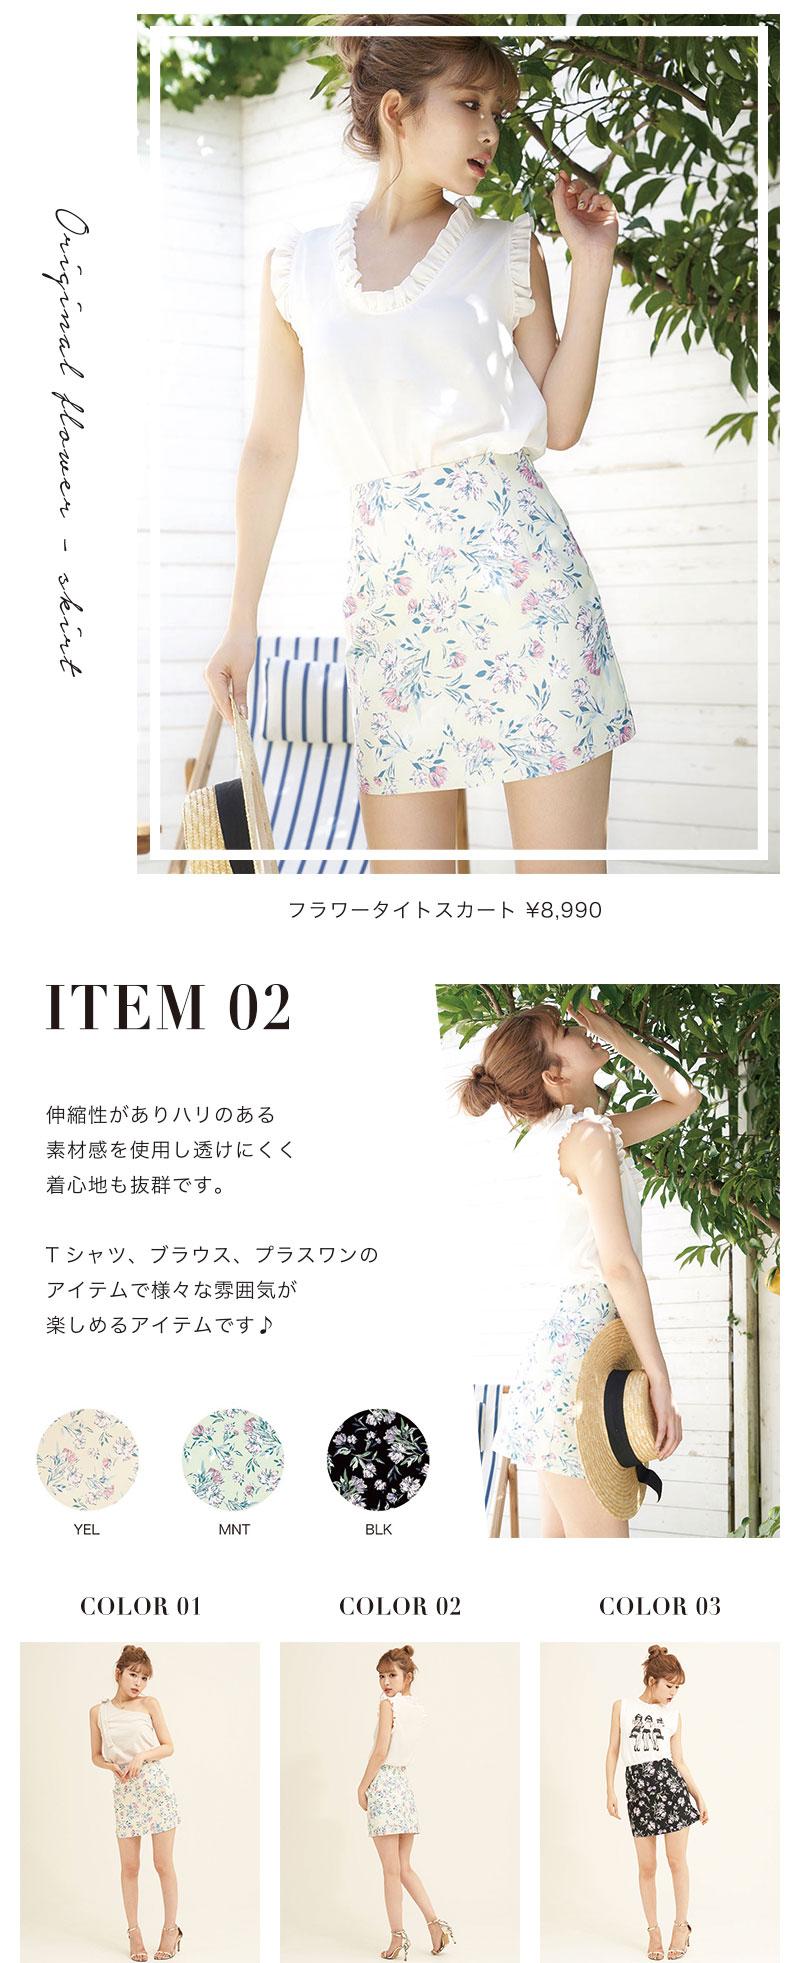 18SS オリジナルフラワーシリーズ特集4